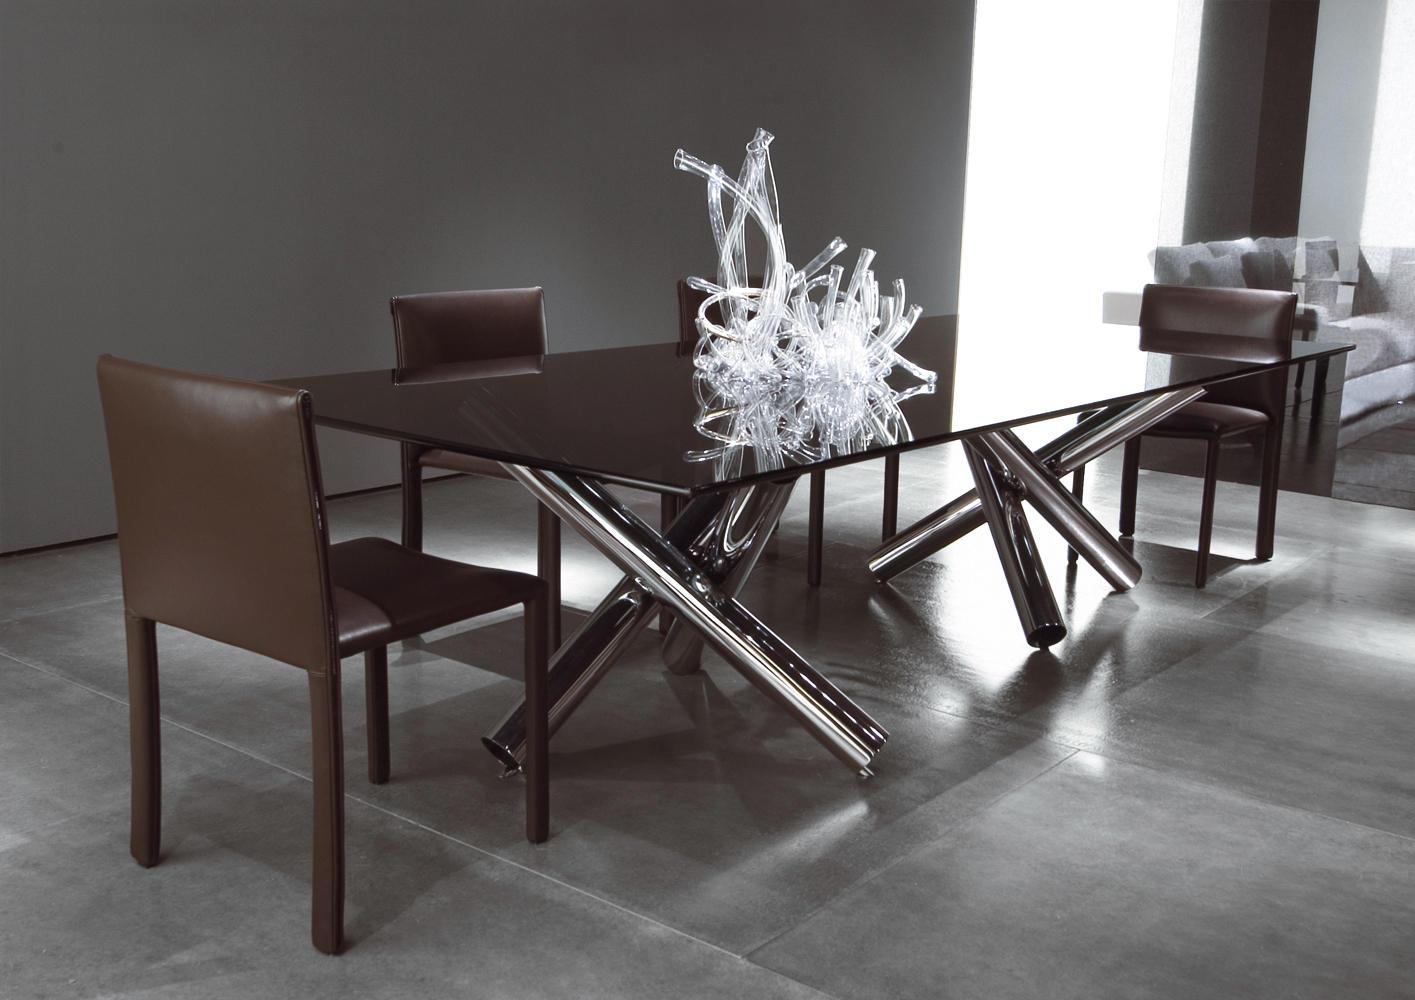 Produciamo e rivendiamo set di sedie e tavoli (cod 104) adatti ad arredamento pub,. Roma Chair Chairs From Minotti Architonic